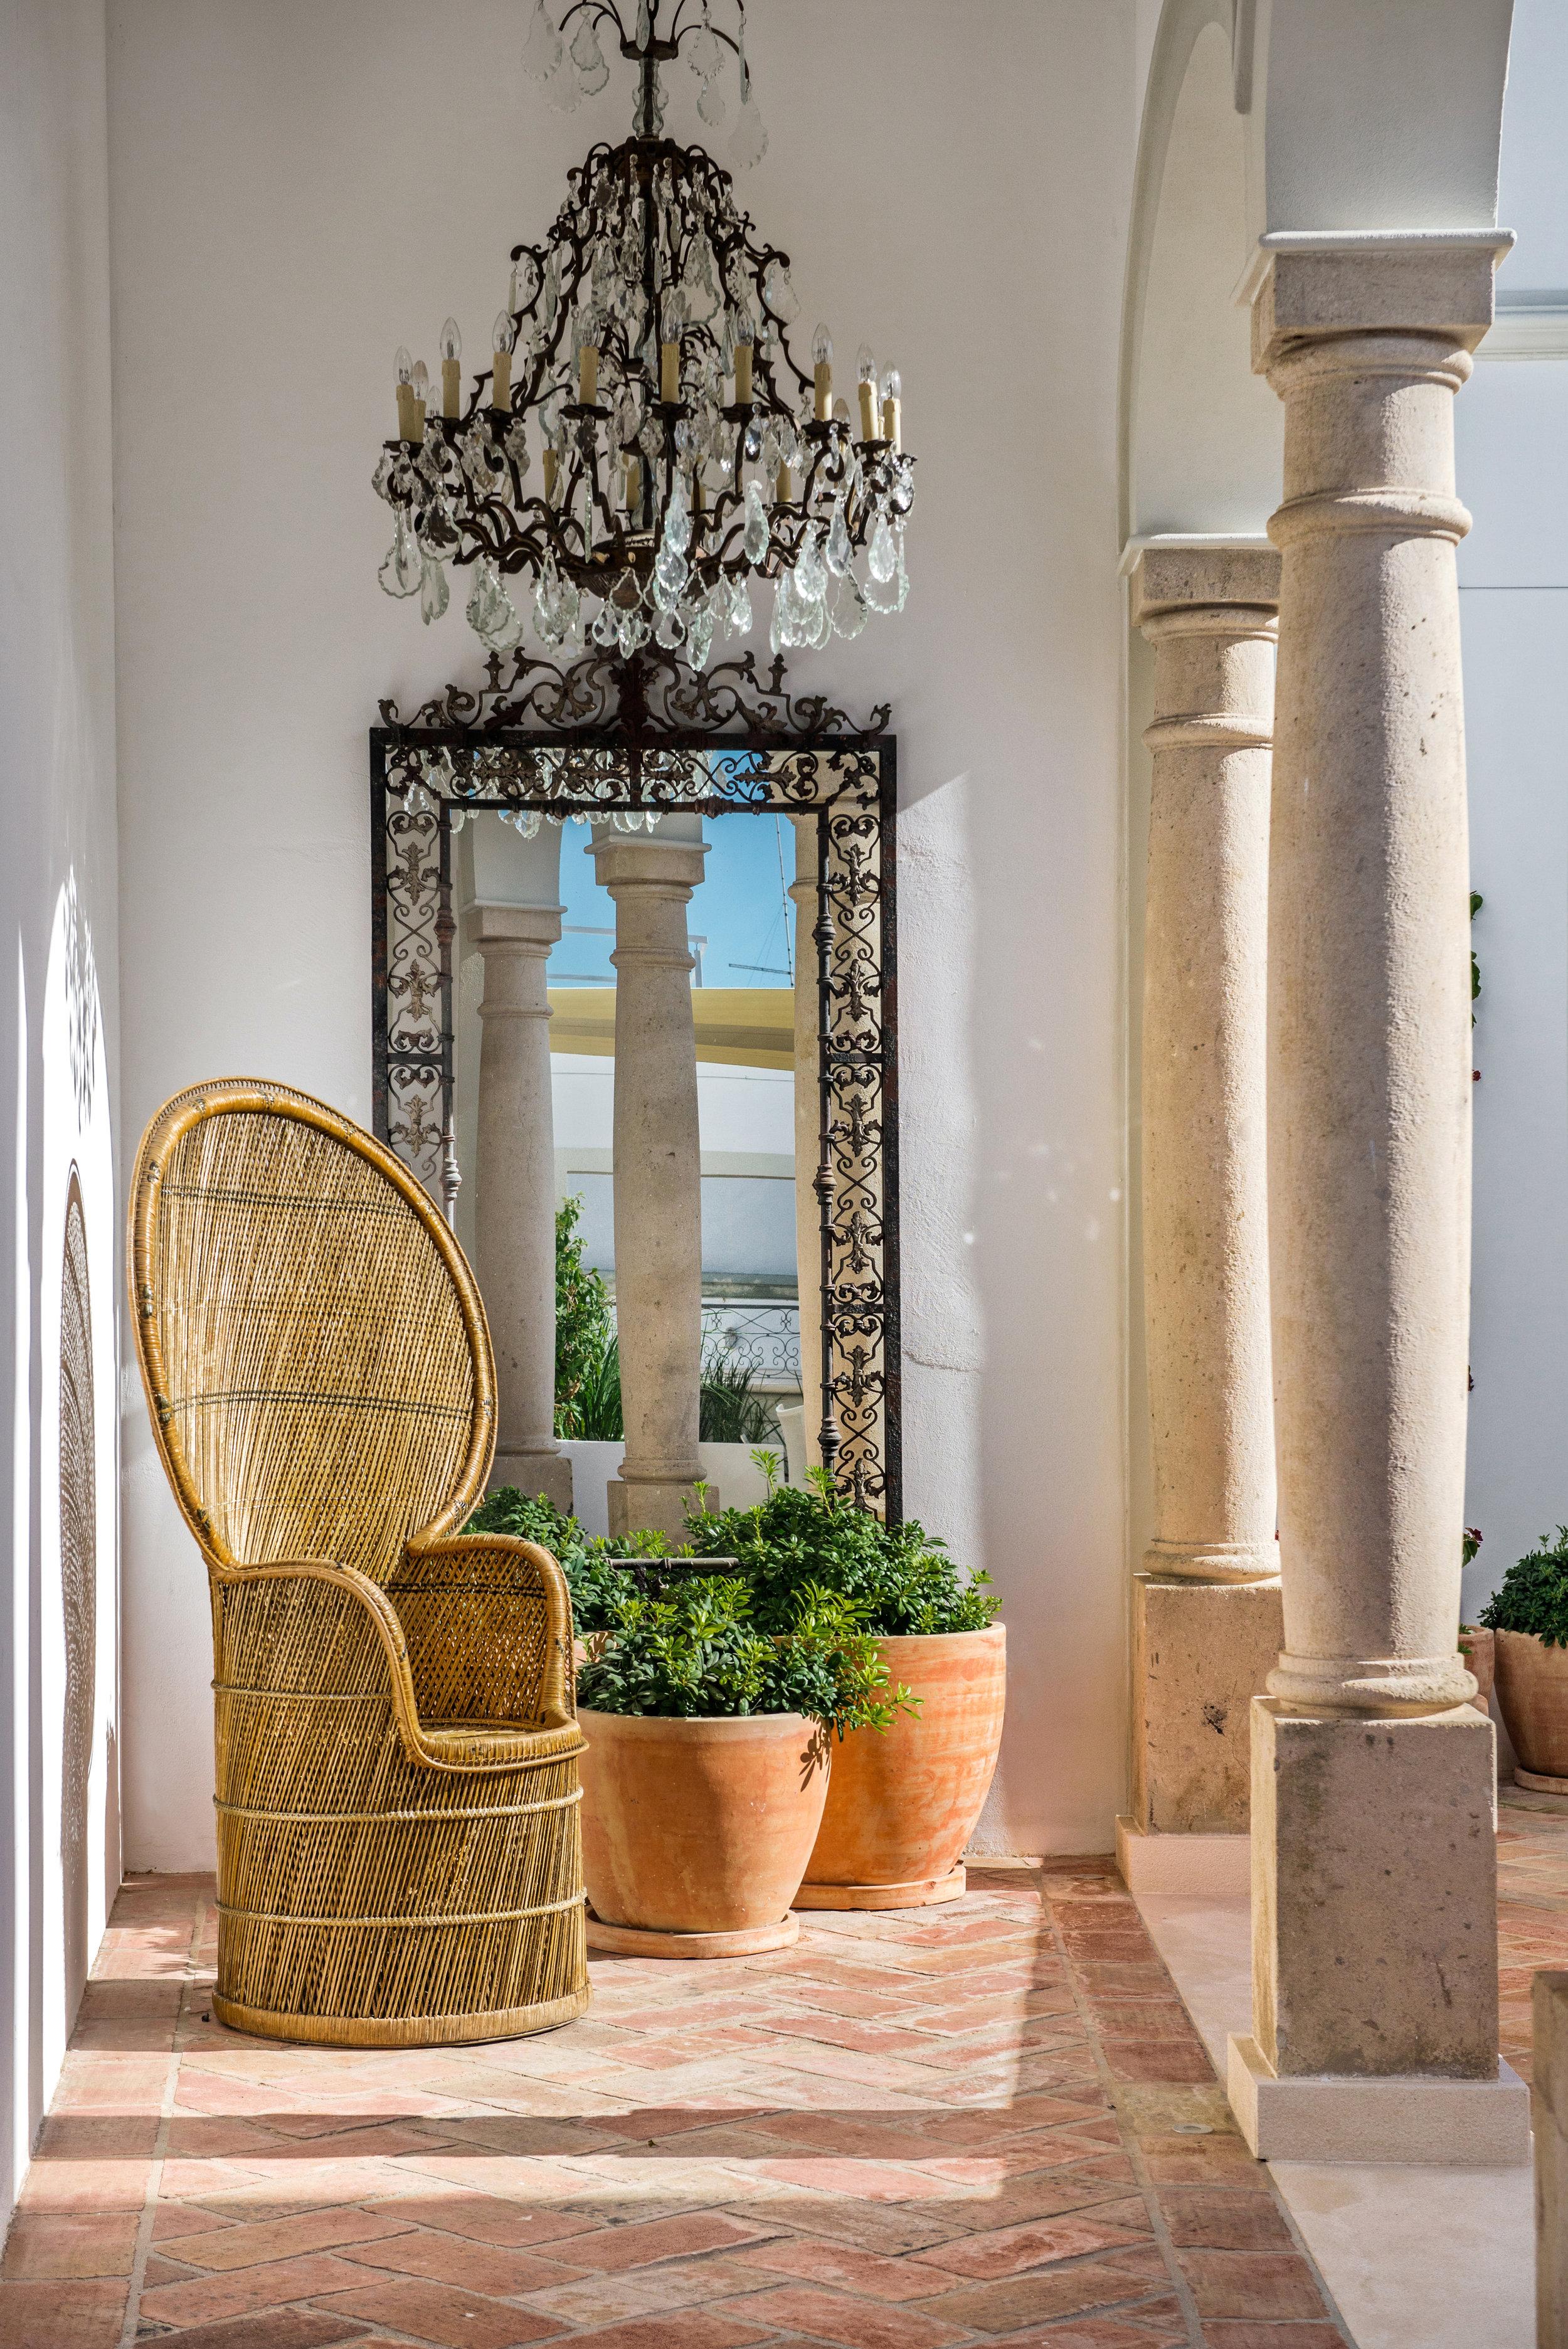 Kitchen terrace - details - Casa Fuzetta (78) (1).jpg